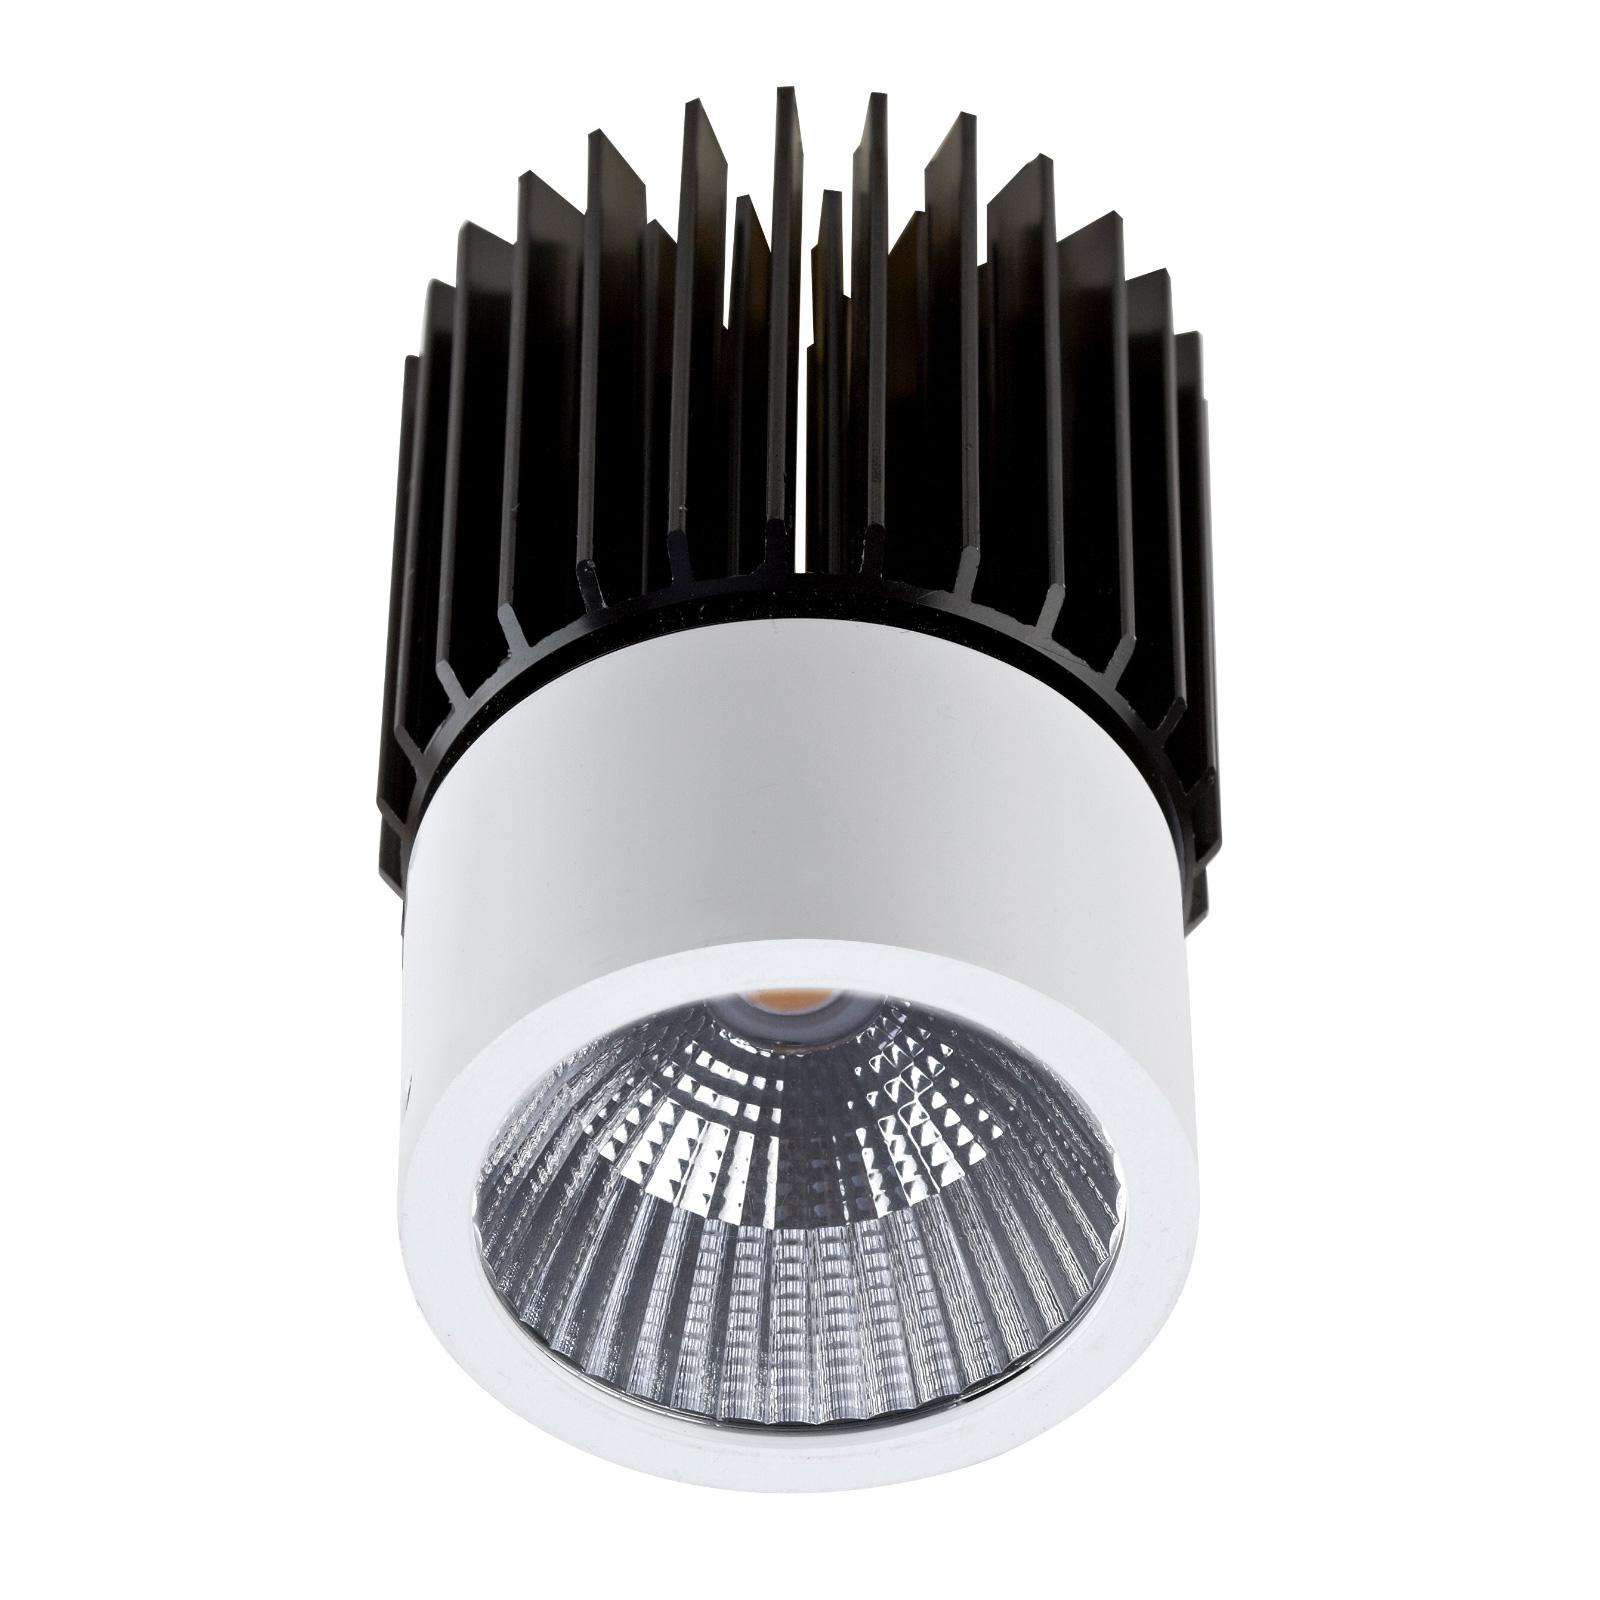 LEDS-C4 Play innbygget taklampe med LED, 3 000 K